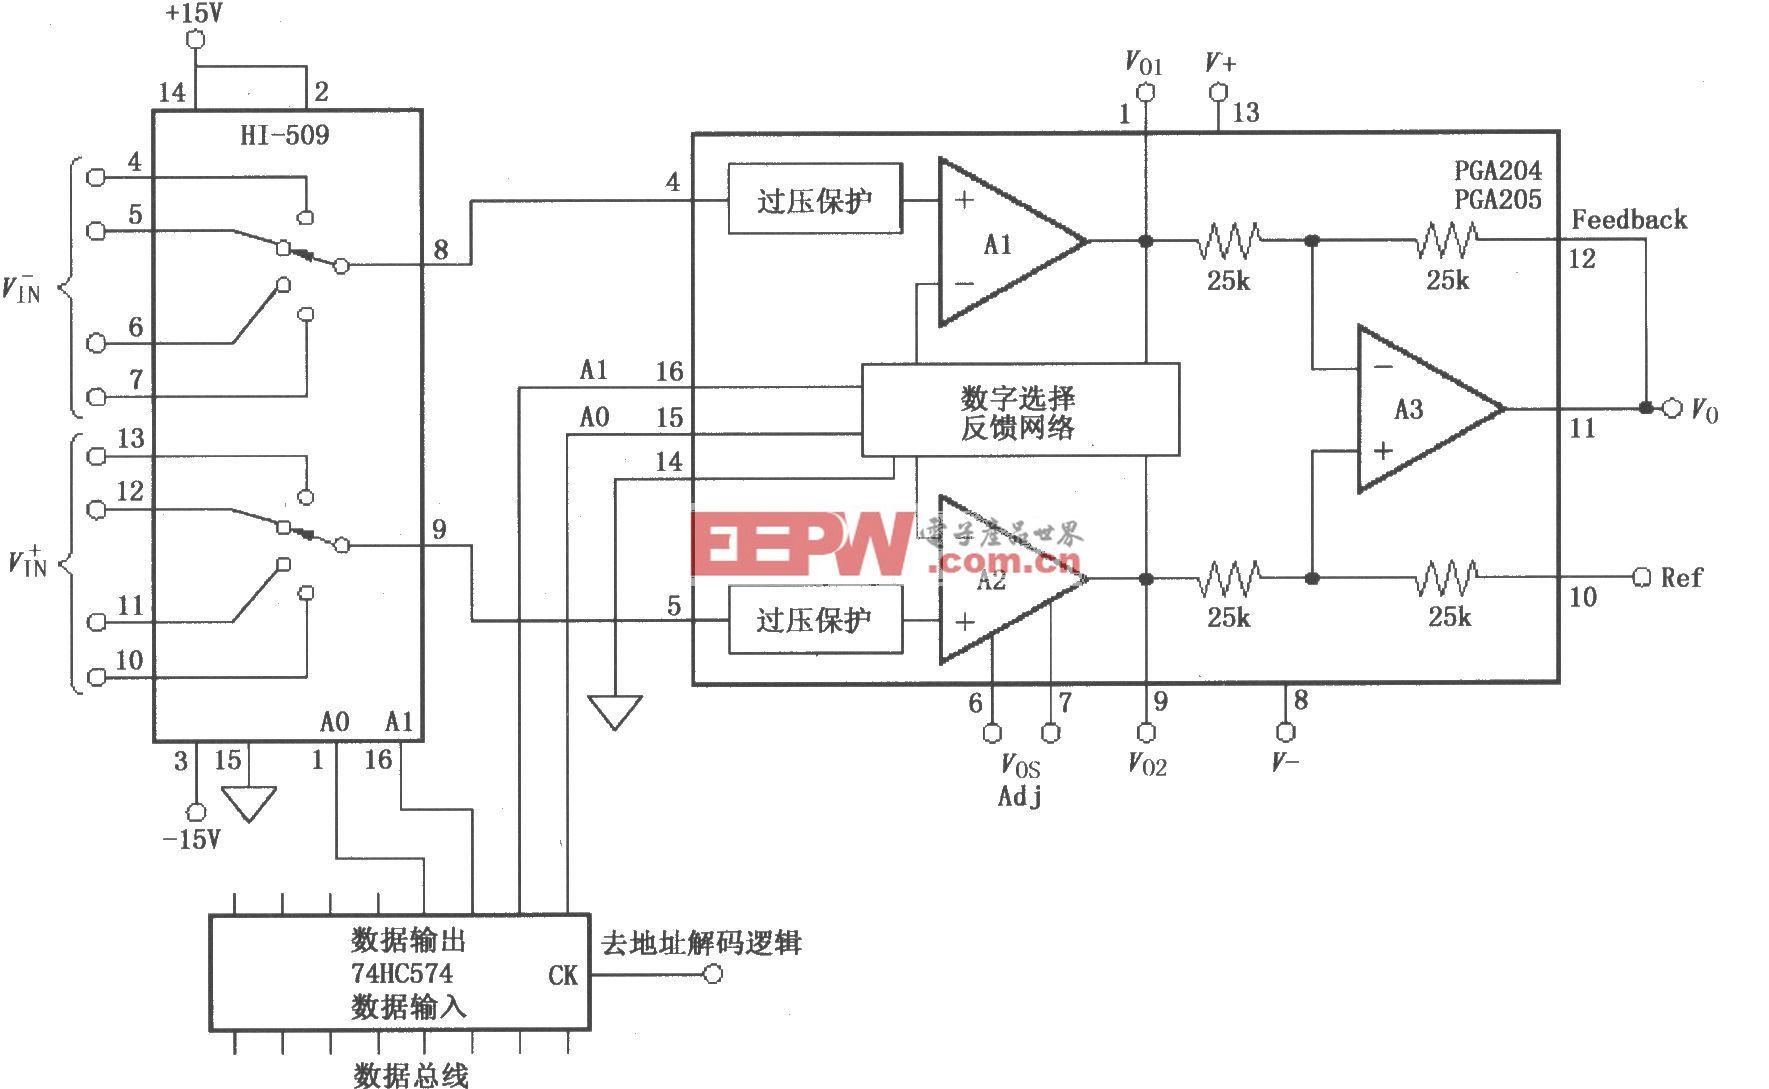 多路輸入可編程增益放大電路(PGA204/205)